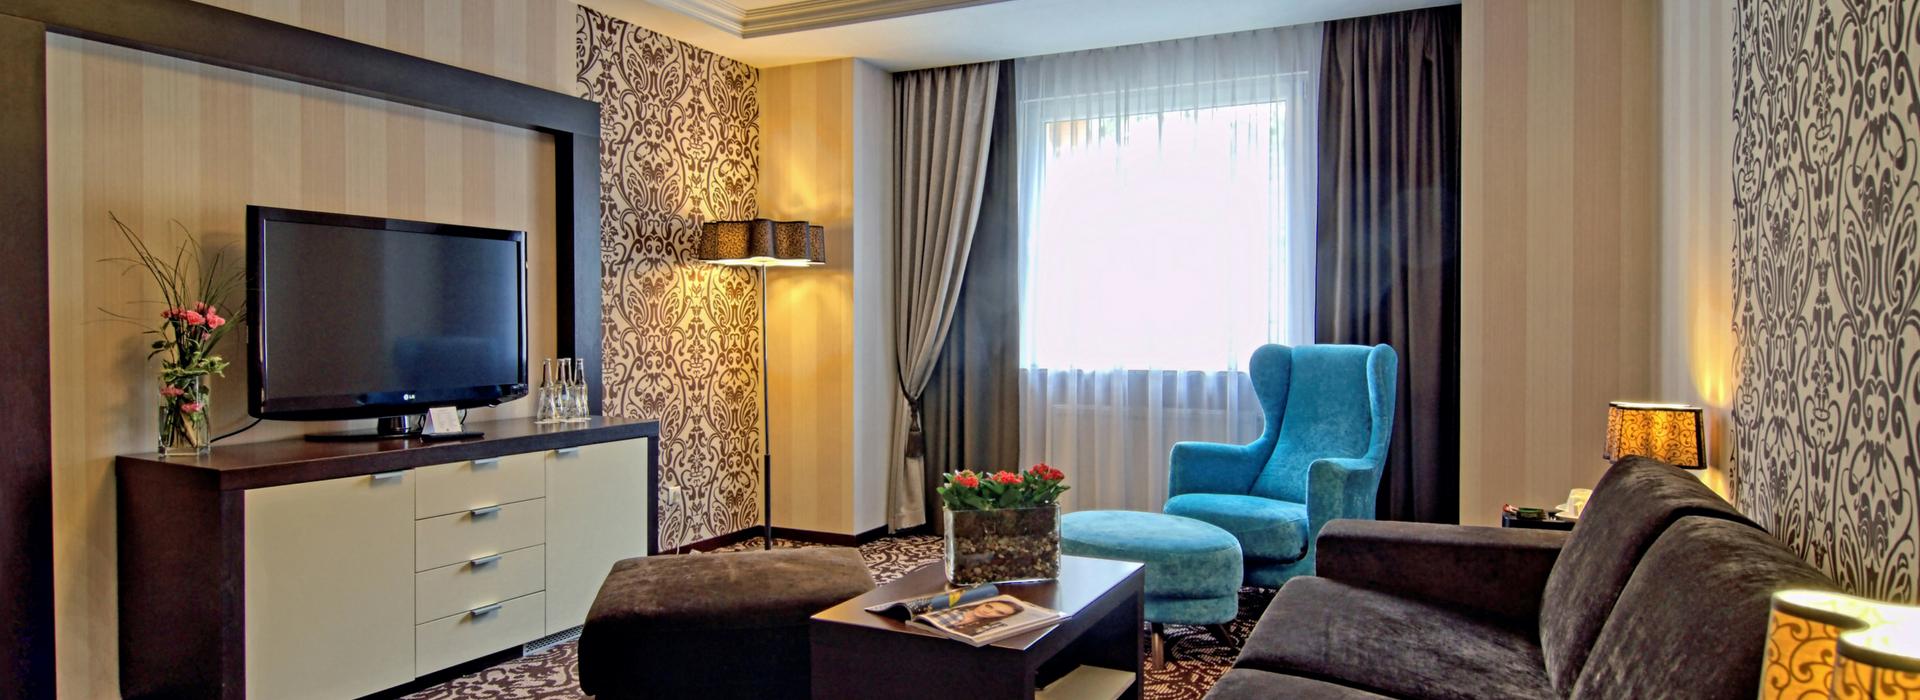 Pokój Junior Suite z 25 % RABATEM na nocleg - budynek bez łącznika